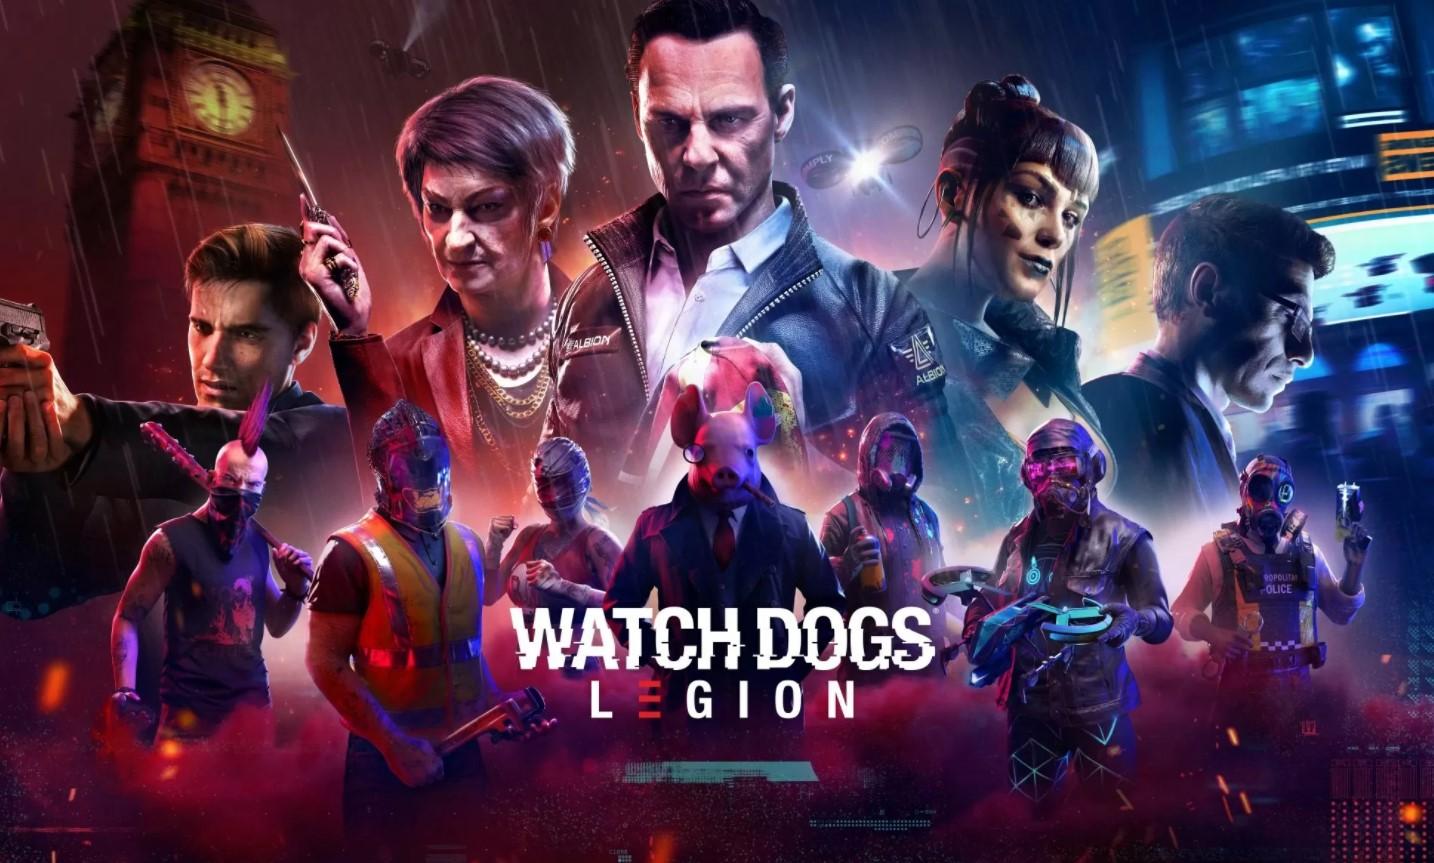 Novedades de la semana: Watch Dogs Legion llega a PS4, Xbox y PC para que podamos jugar con cualquier NPC